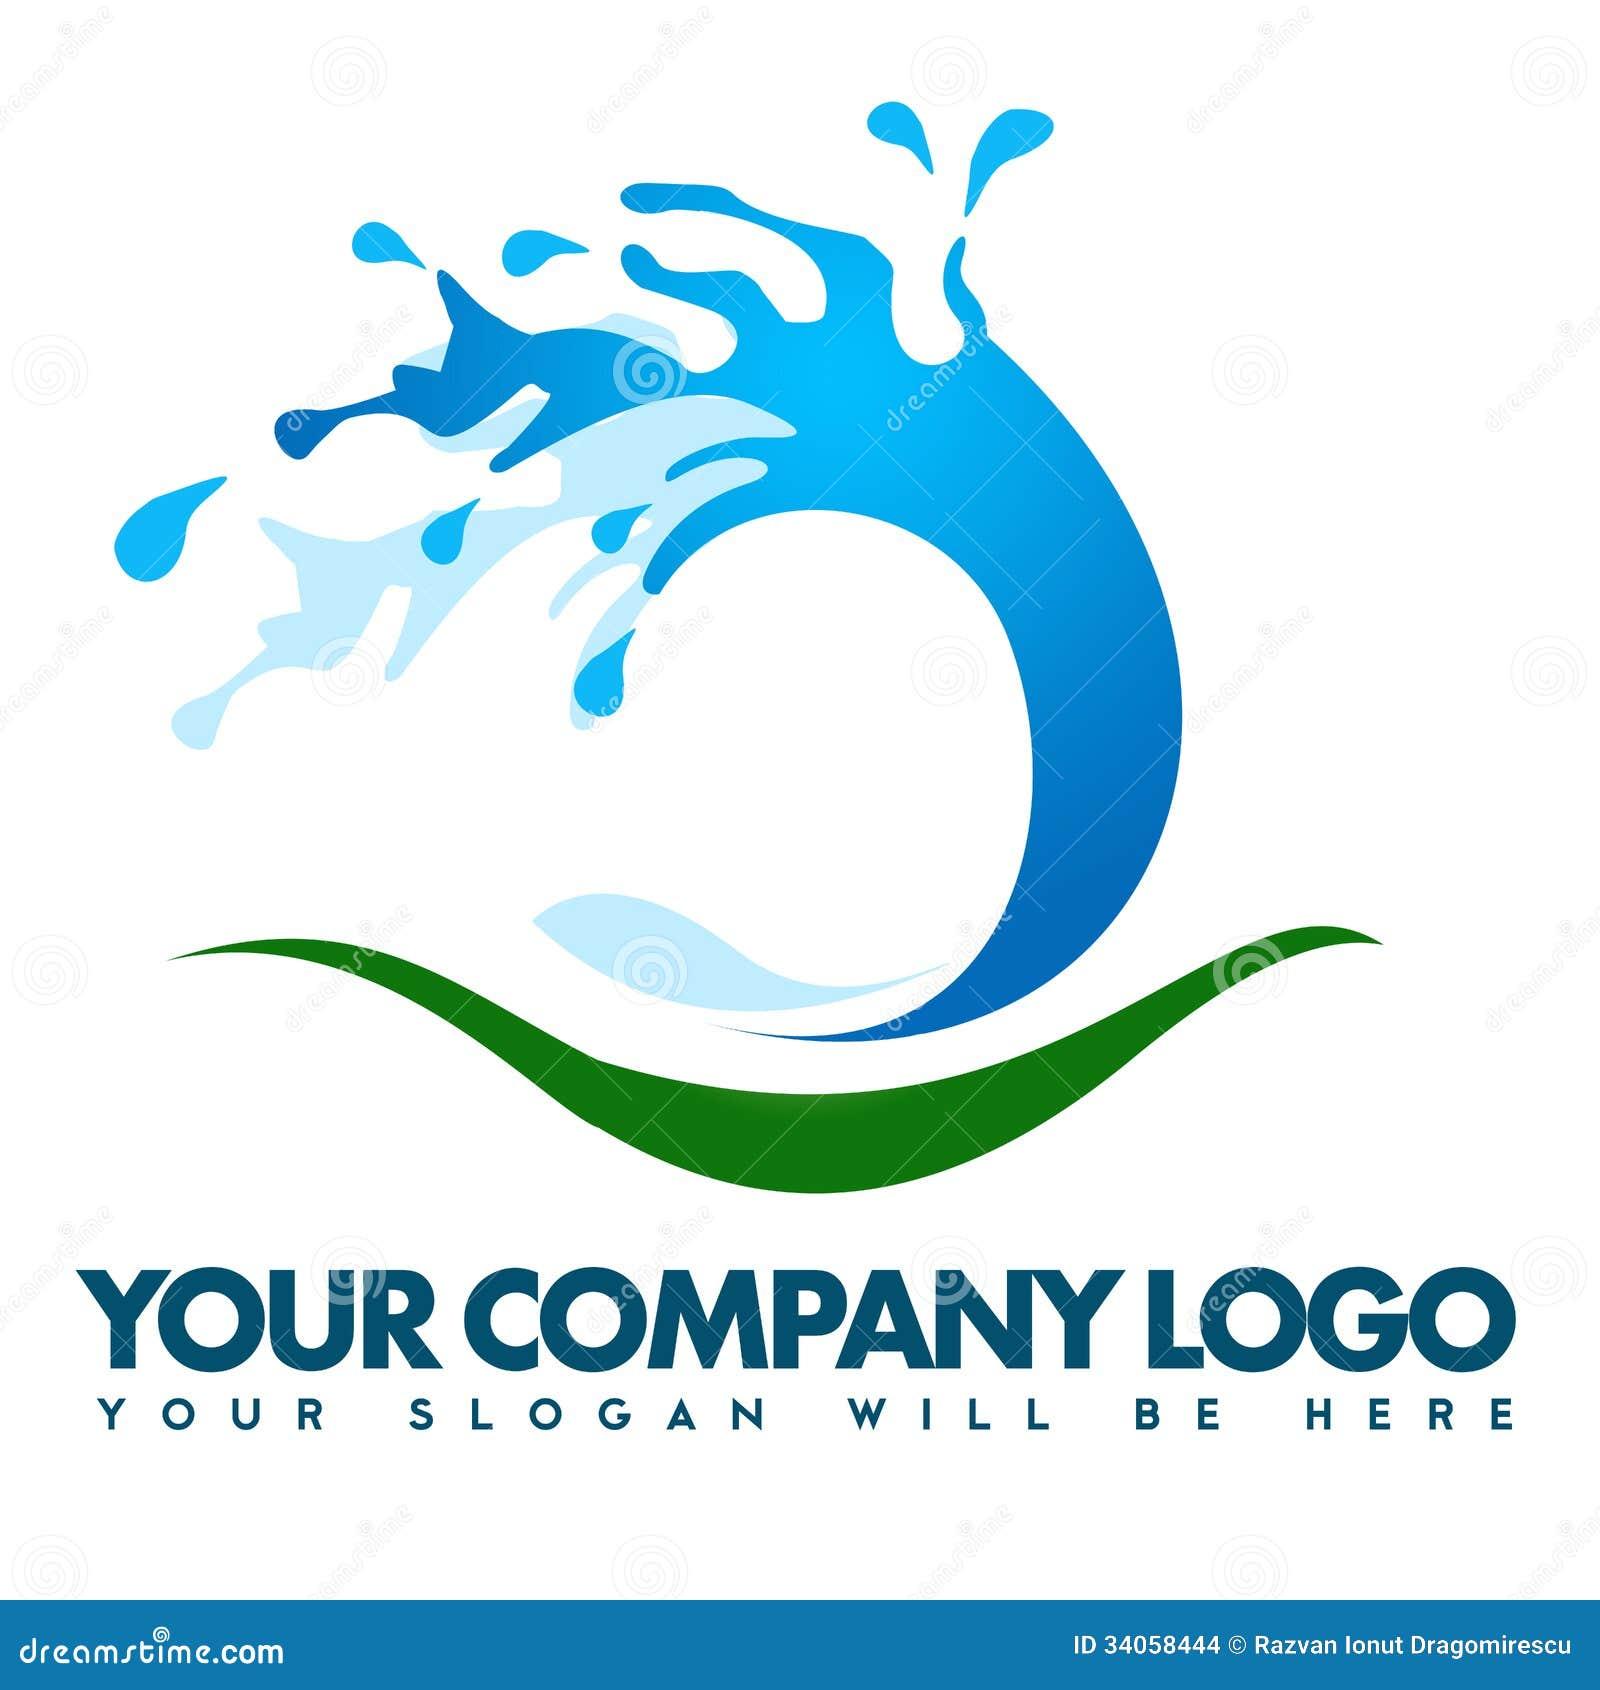 Water Splash Logo Stock Images - Image: 34058444